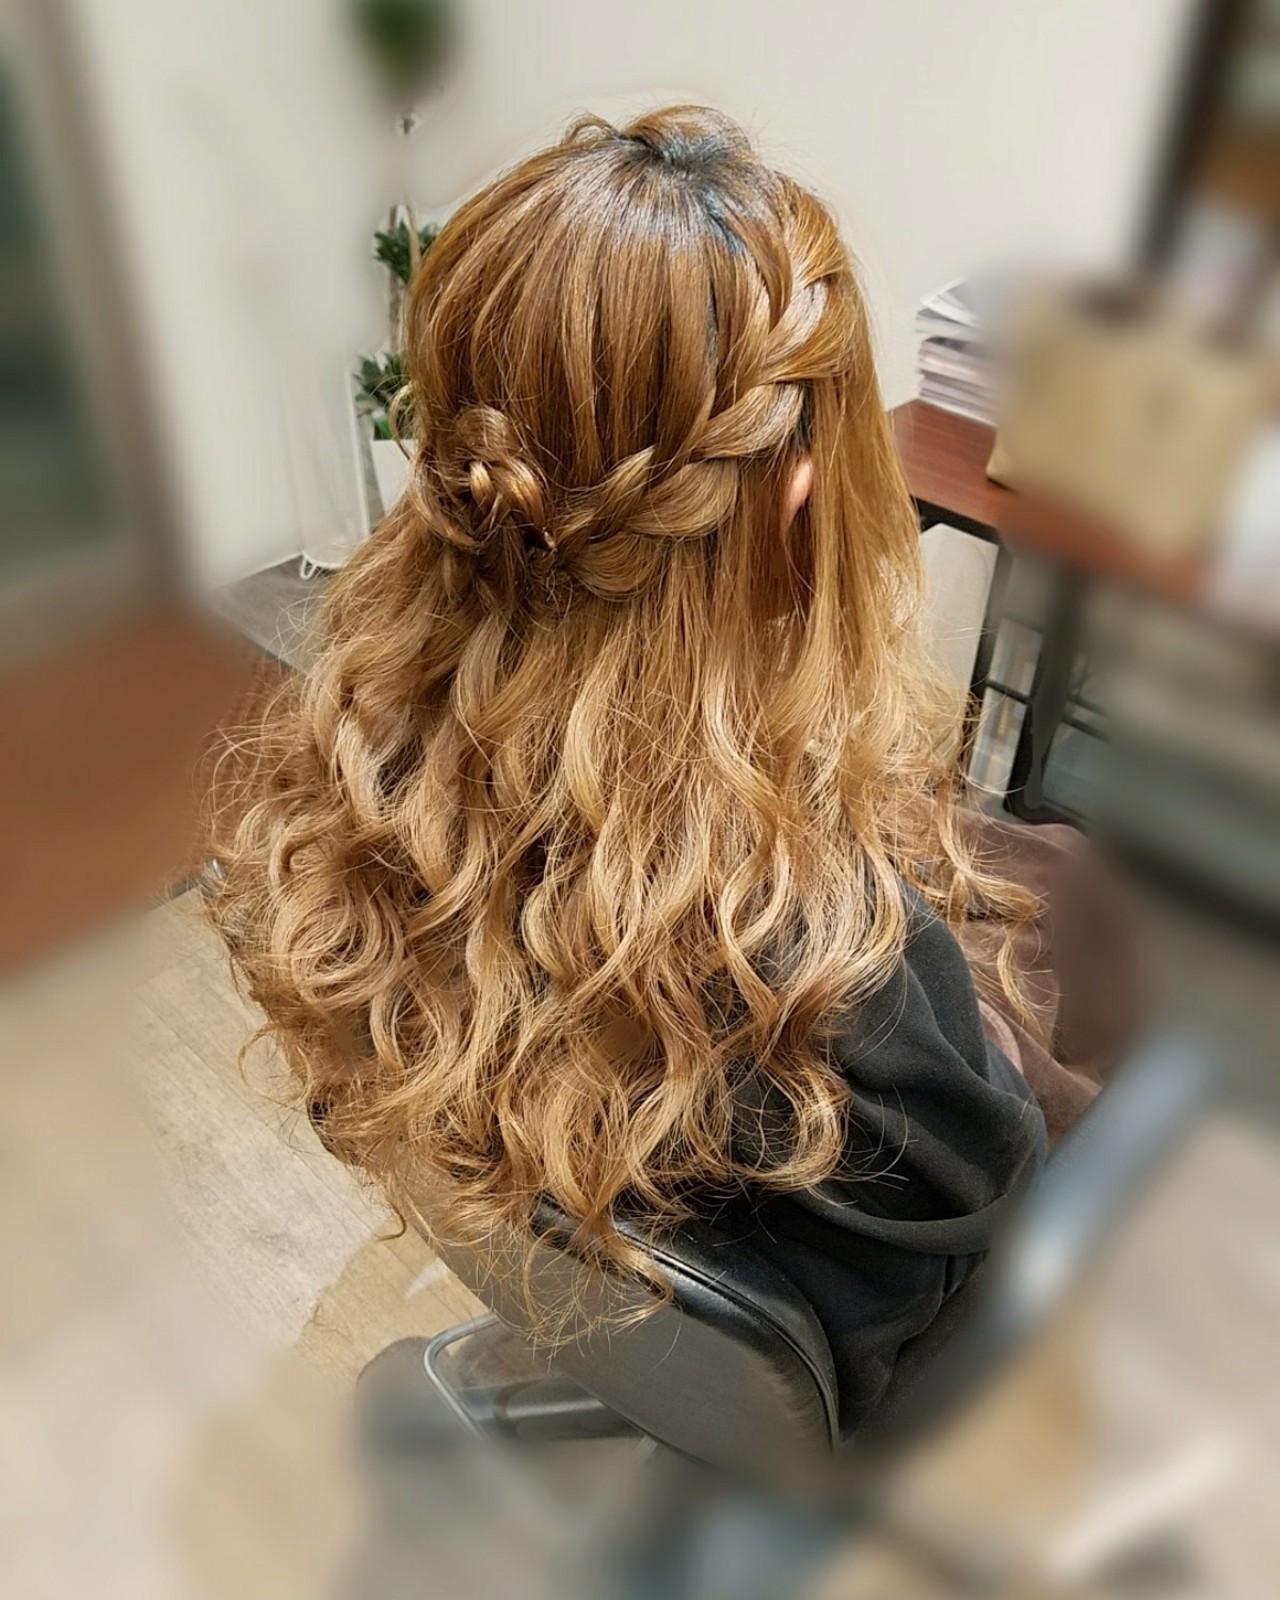 華やかなお花アレンジ×編み込み mai | HAIR SALON STELLA